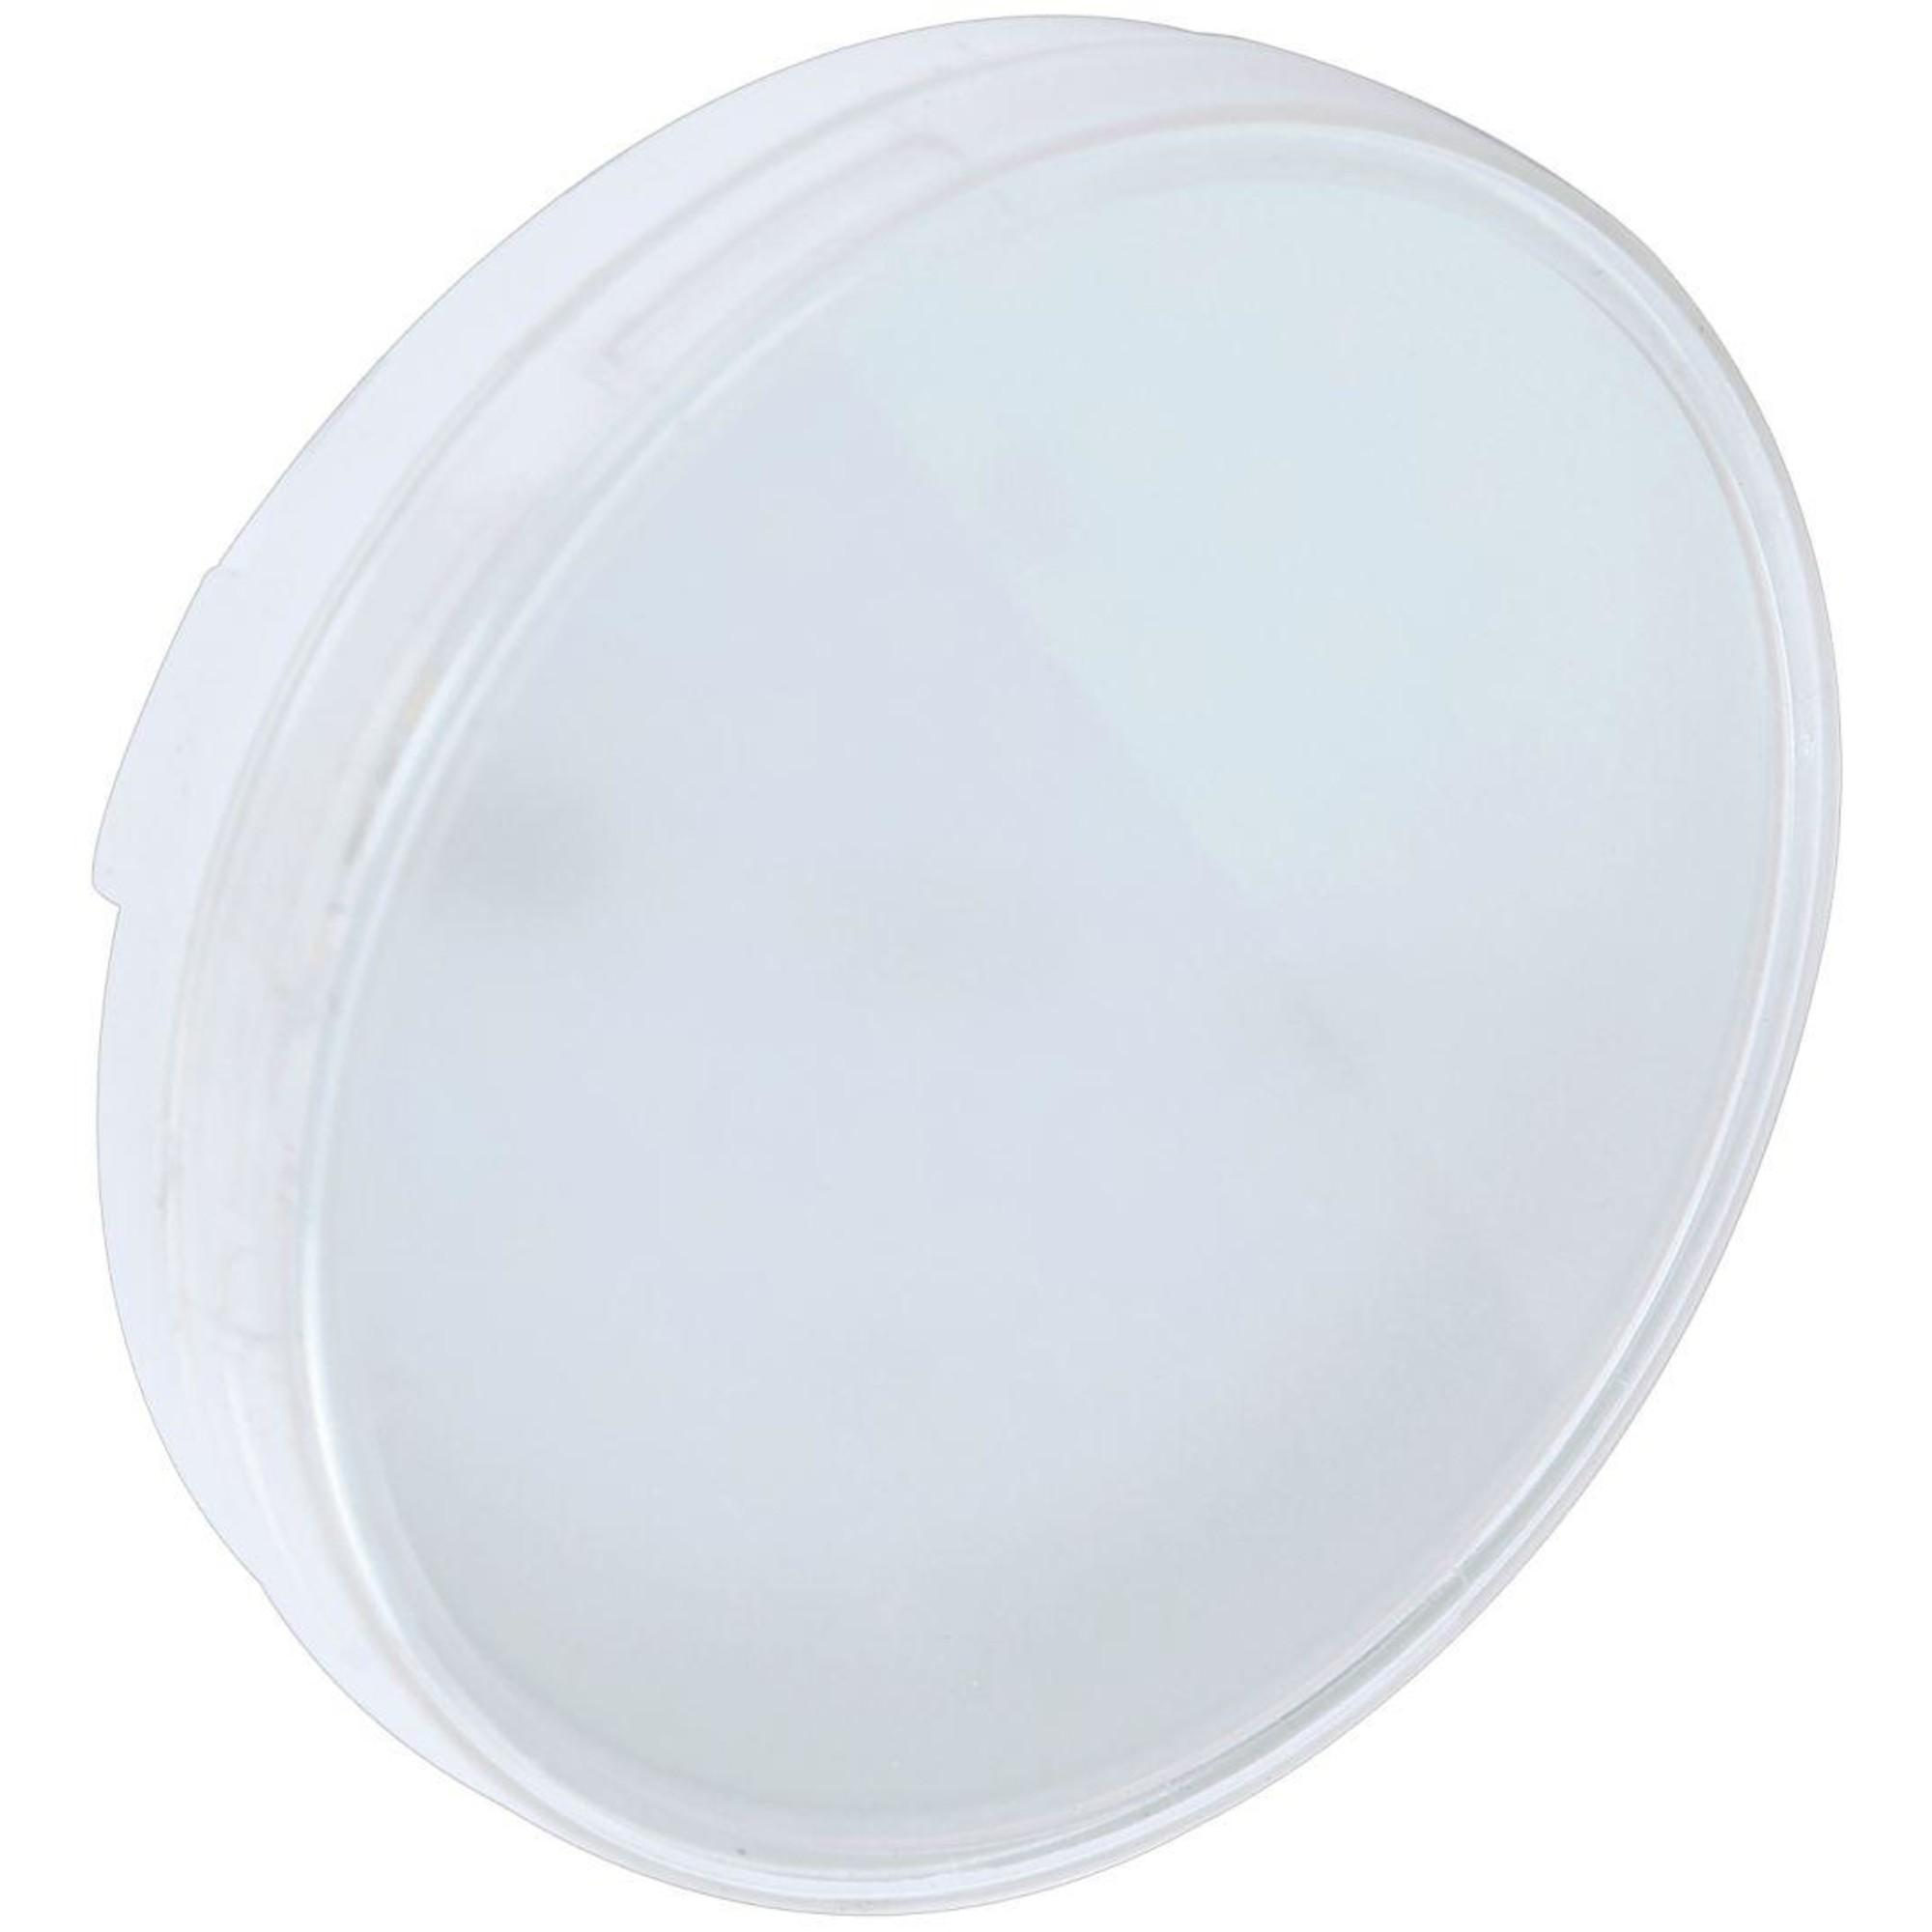 Лампа Ecola стандарт светодионая GX70 13 Вт таблетка 1040 Лм нейтральный свет